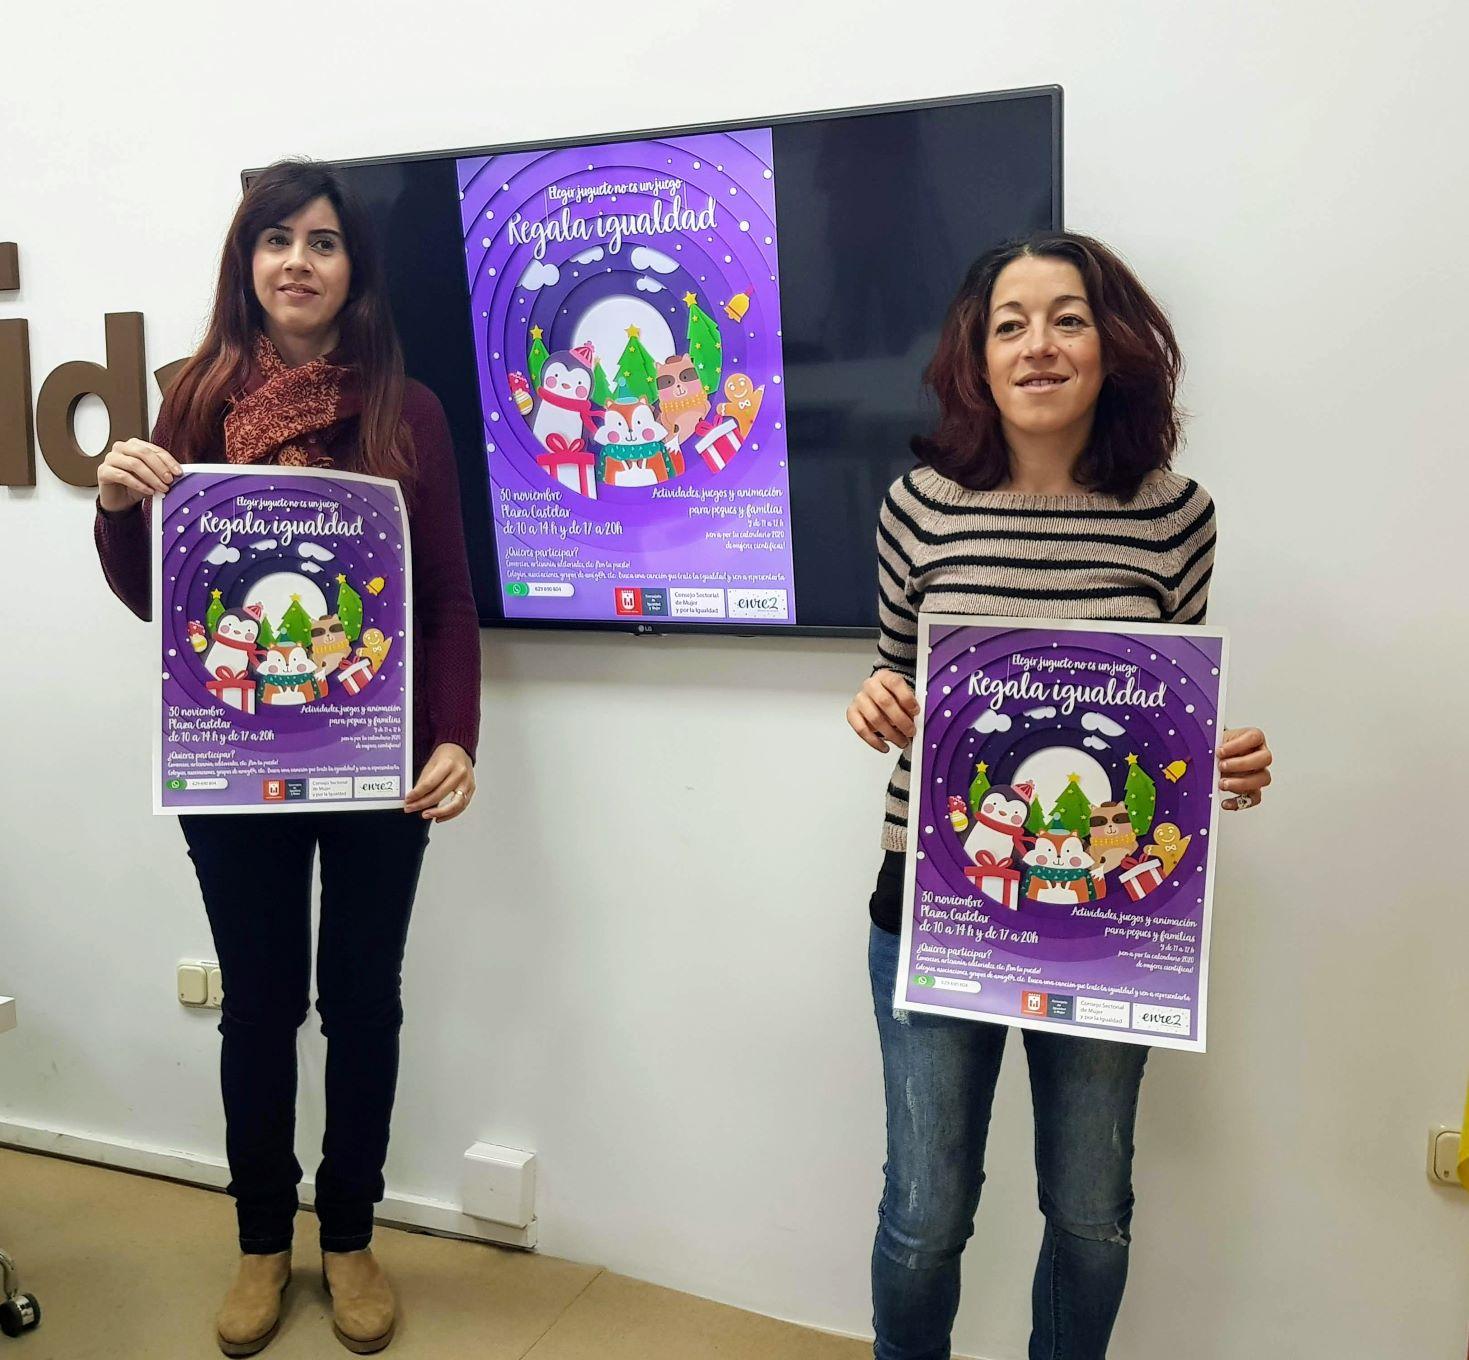 El Ayuntamiento de Elda organiza la actividad 'Regala Igualdad' para fomentar la compra de juguetes no sexistas